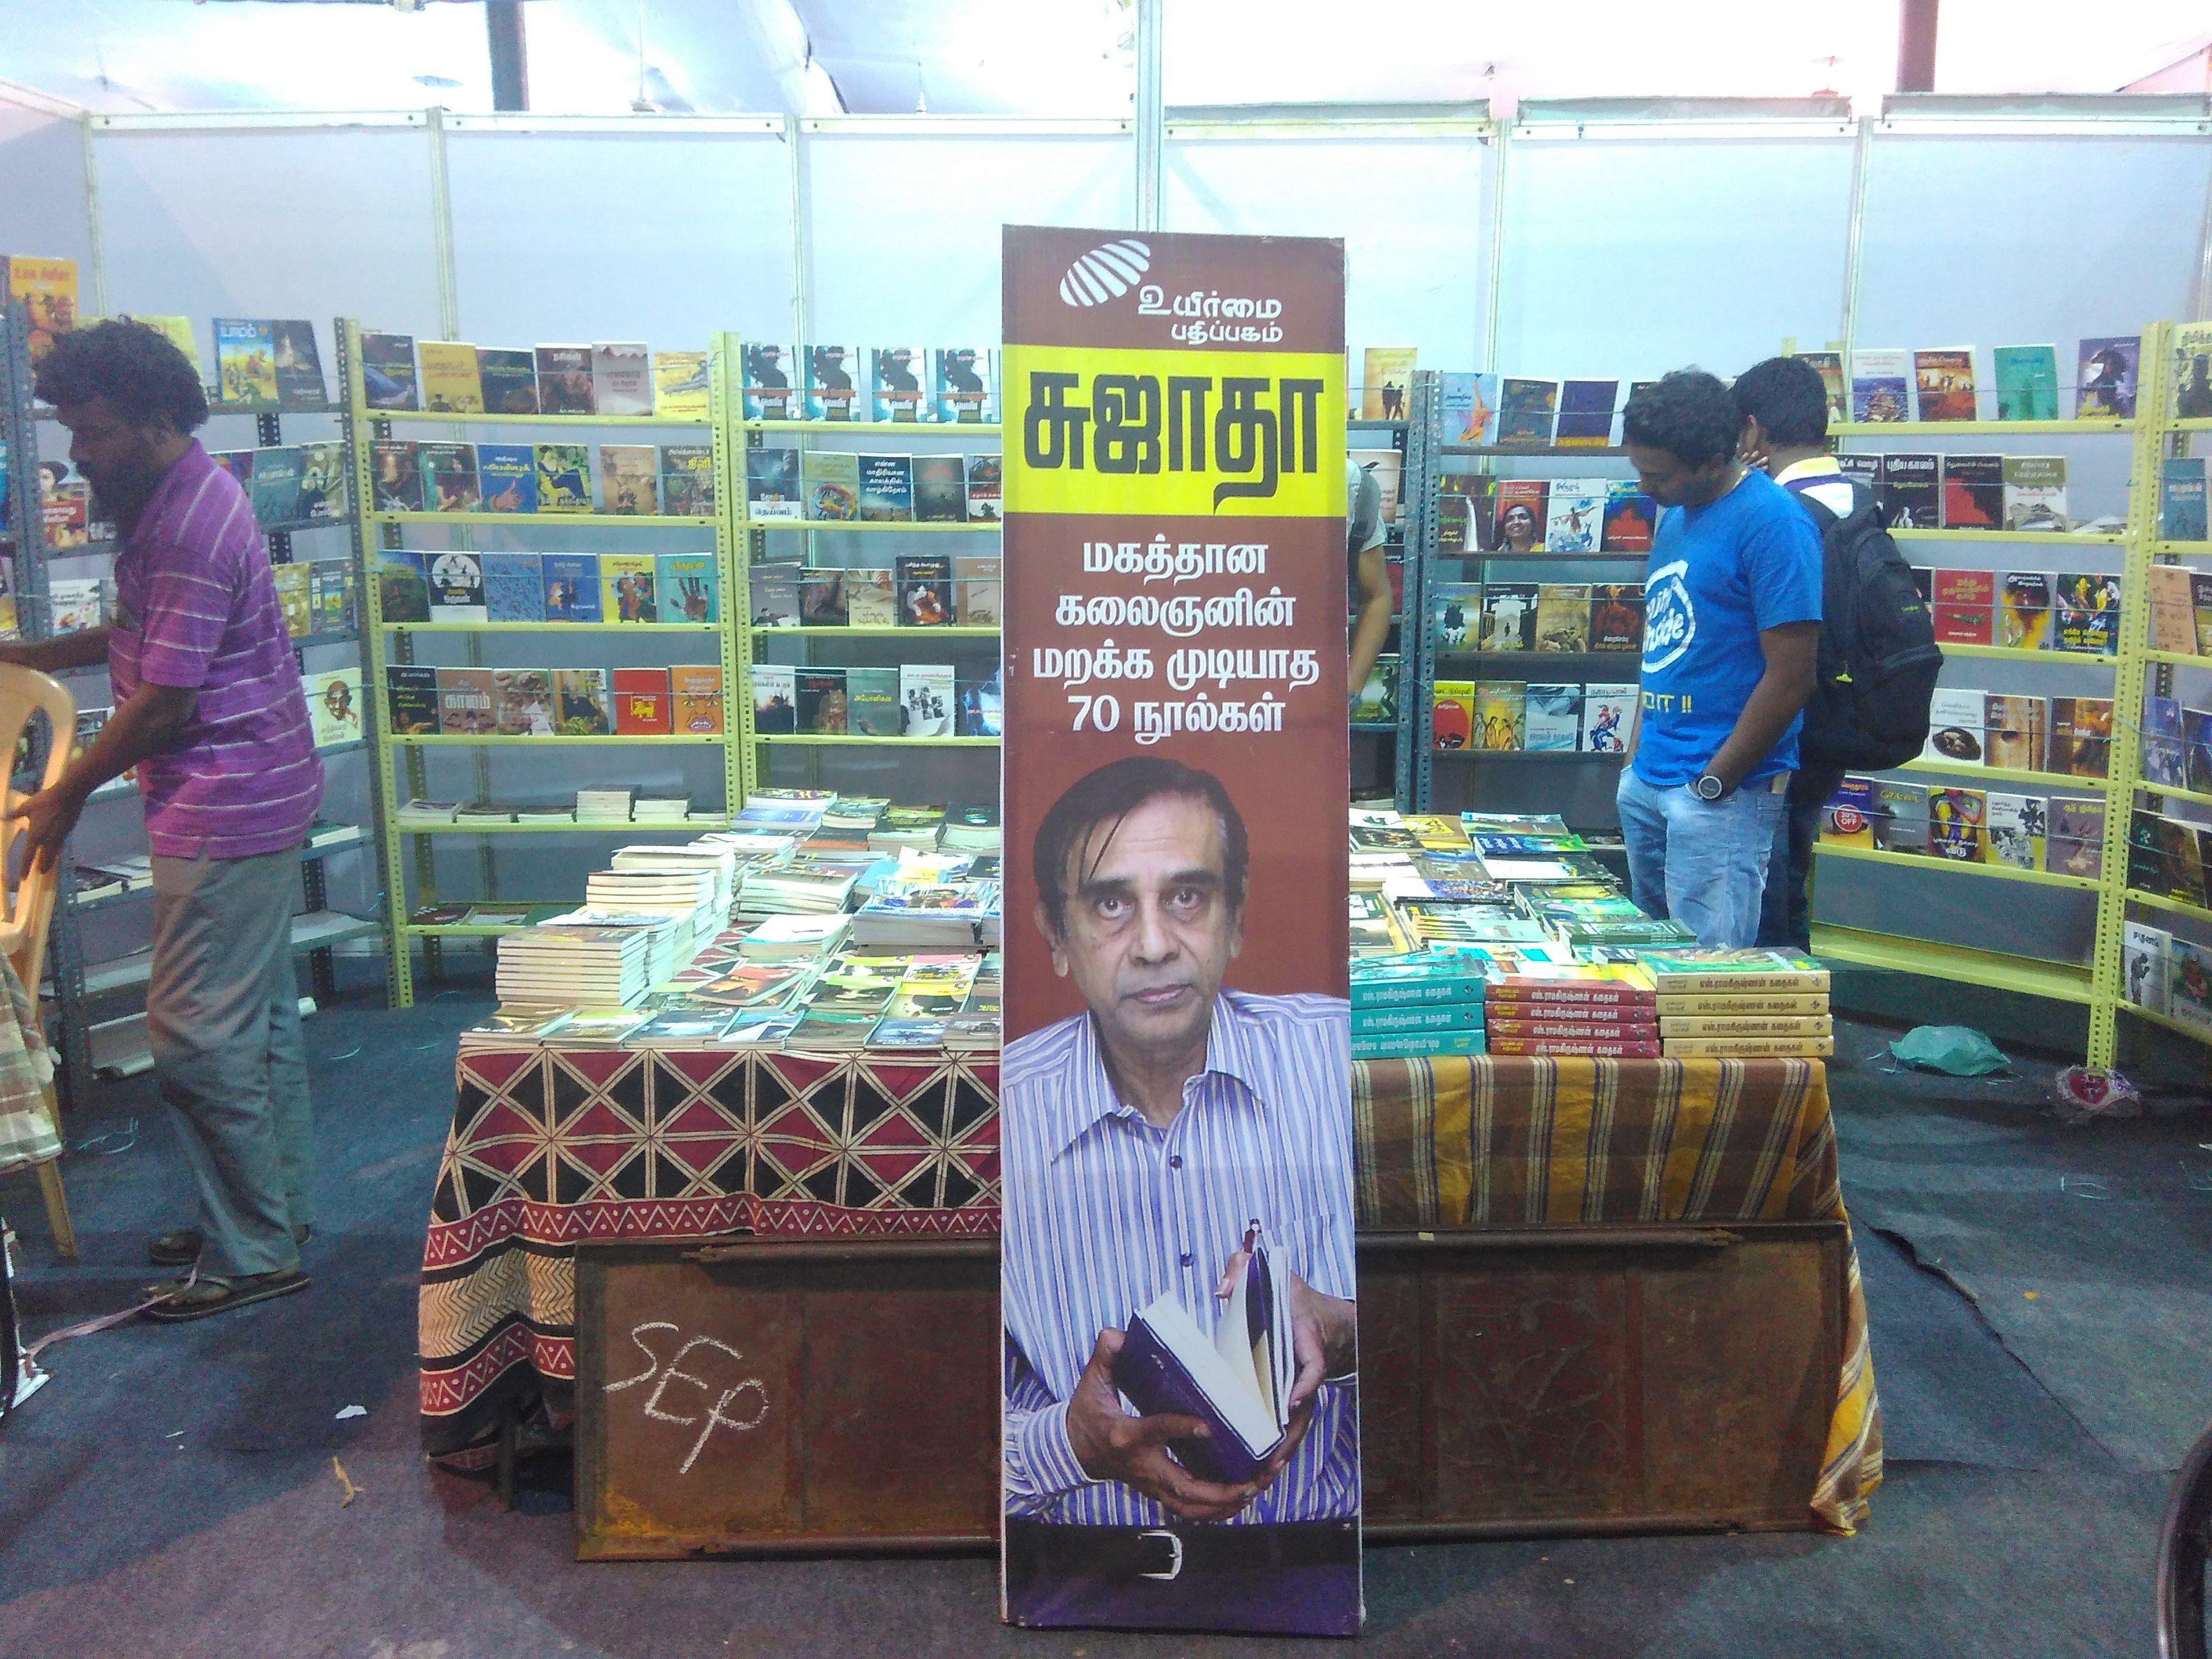 Chennai book fair 2016 pongal - Uyirmei Padhippagam